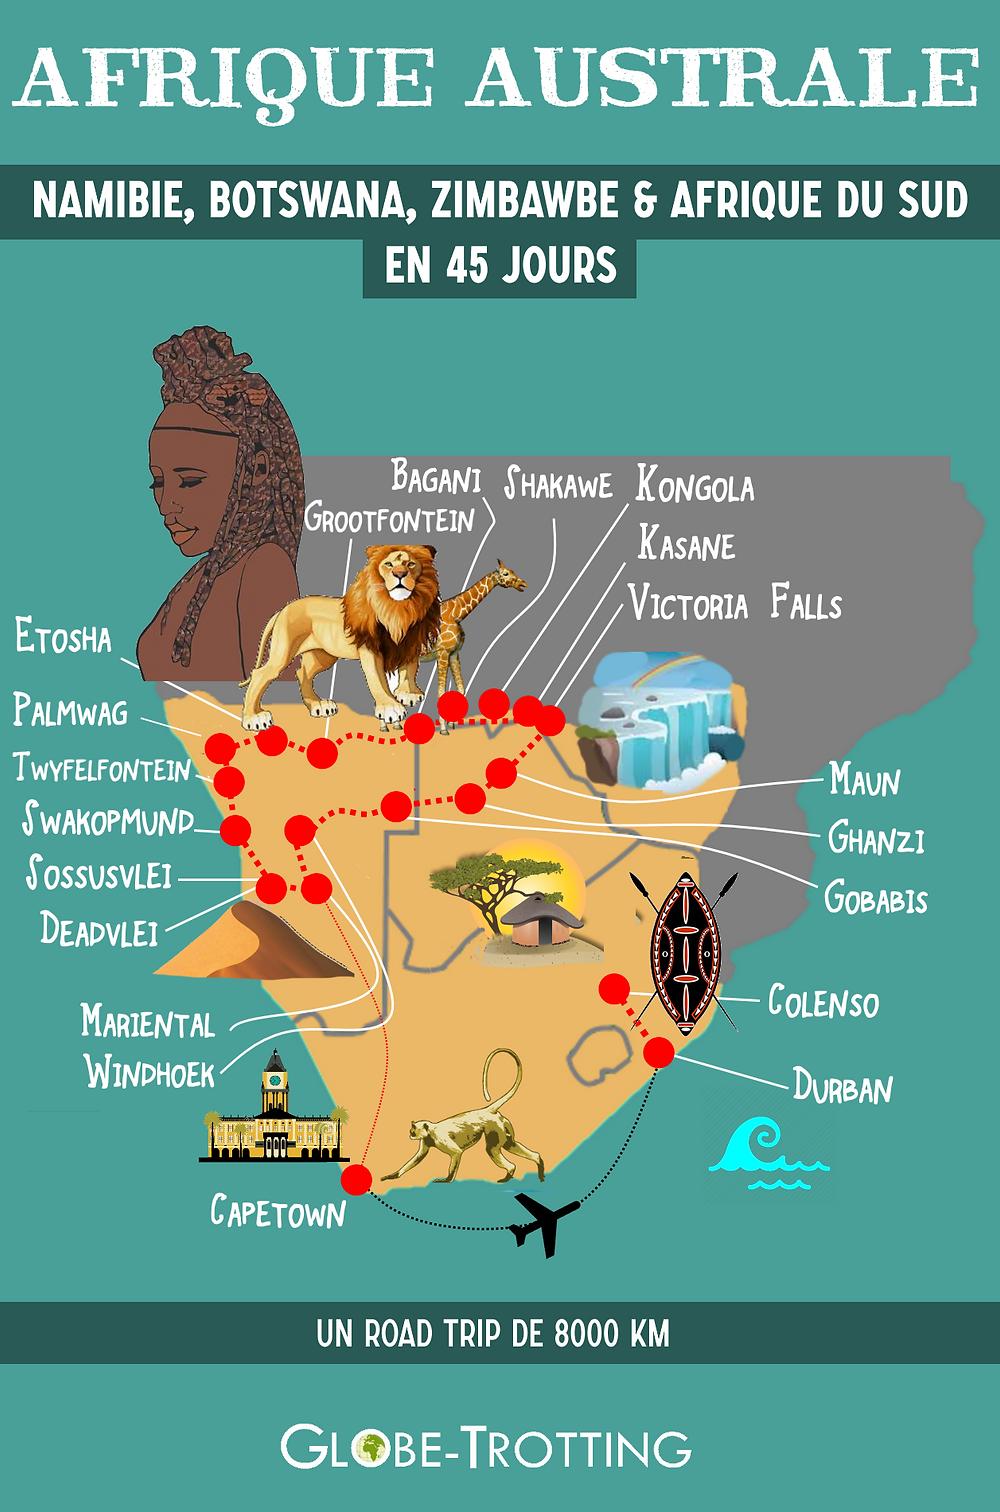 Voyage Himba Afrique Australe